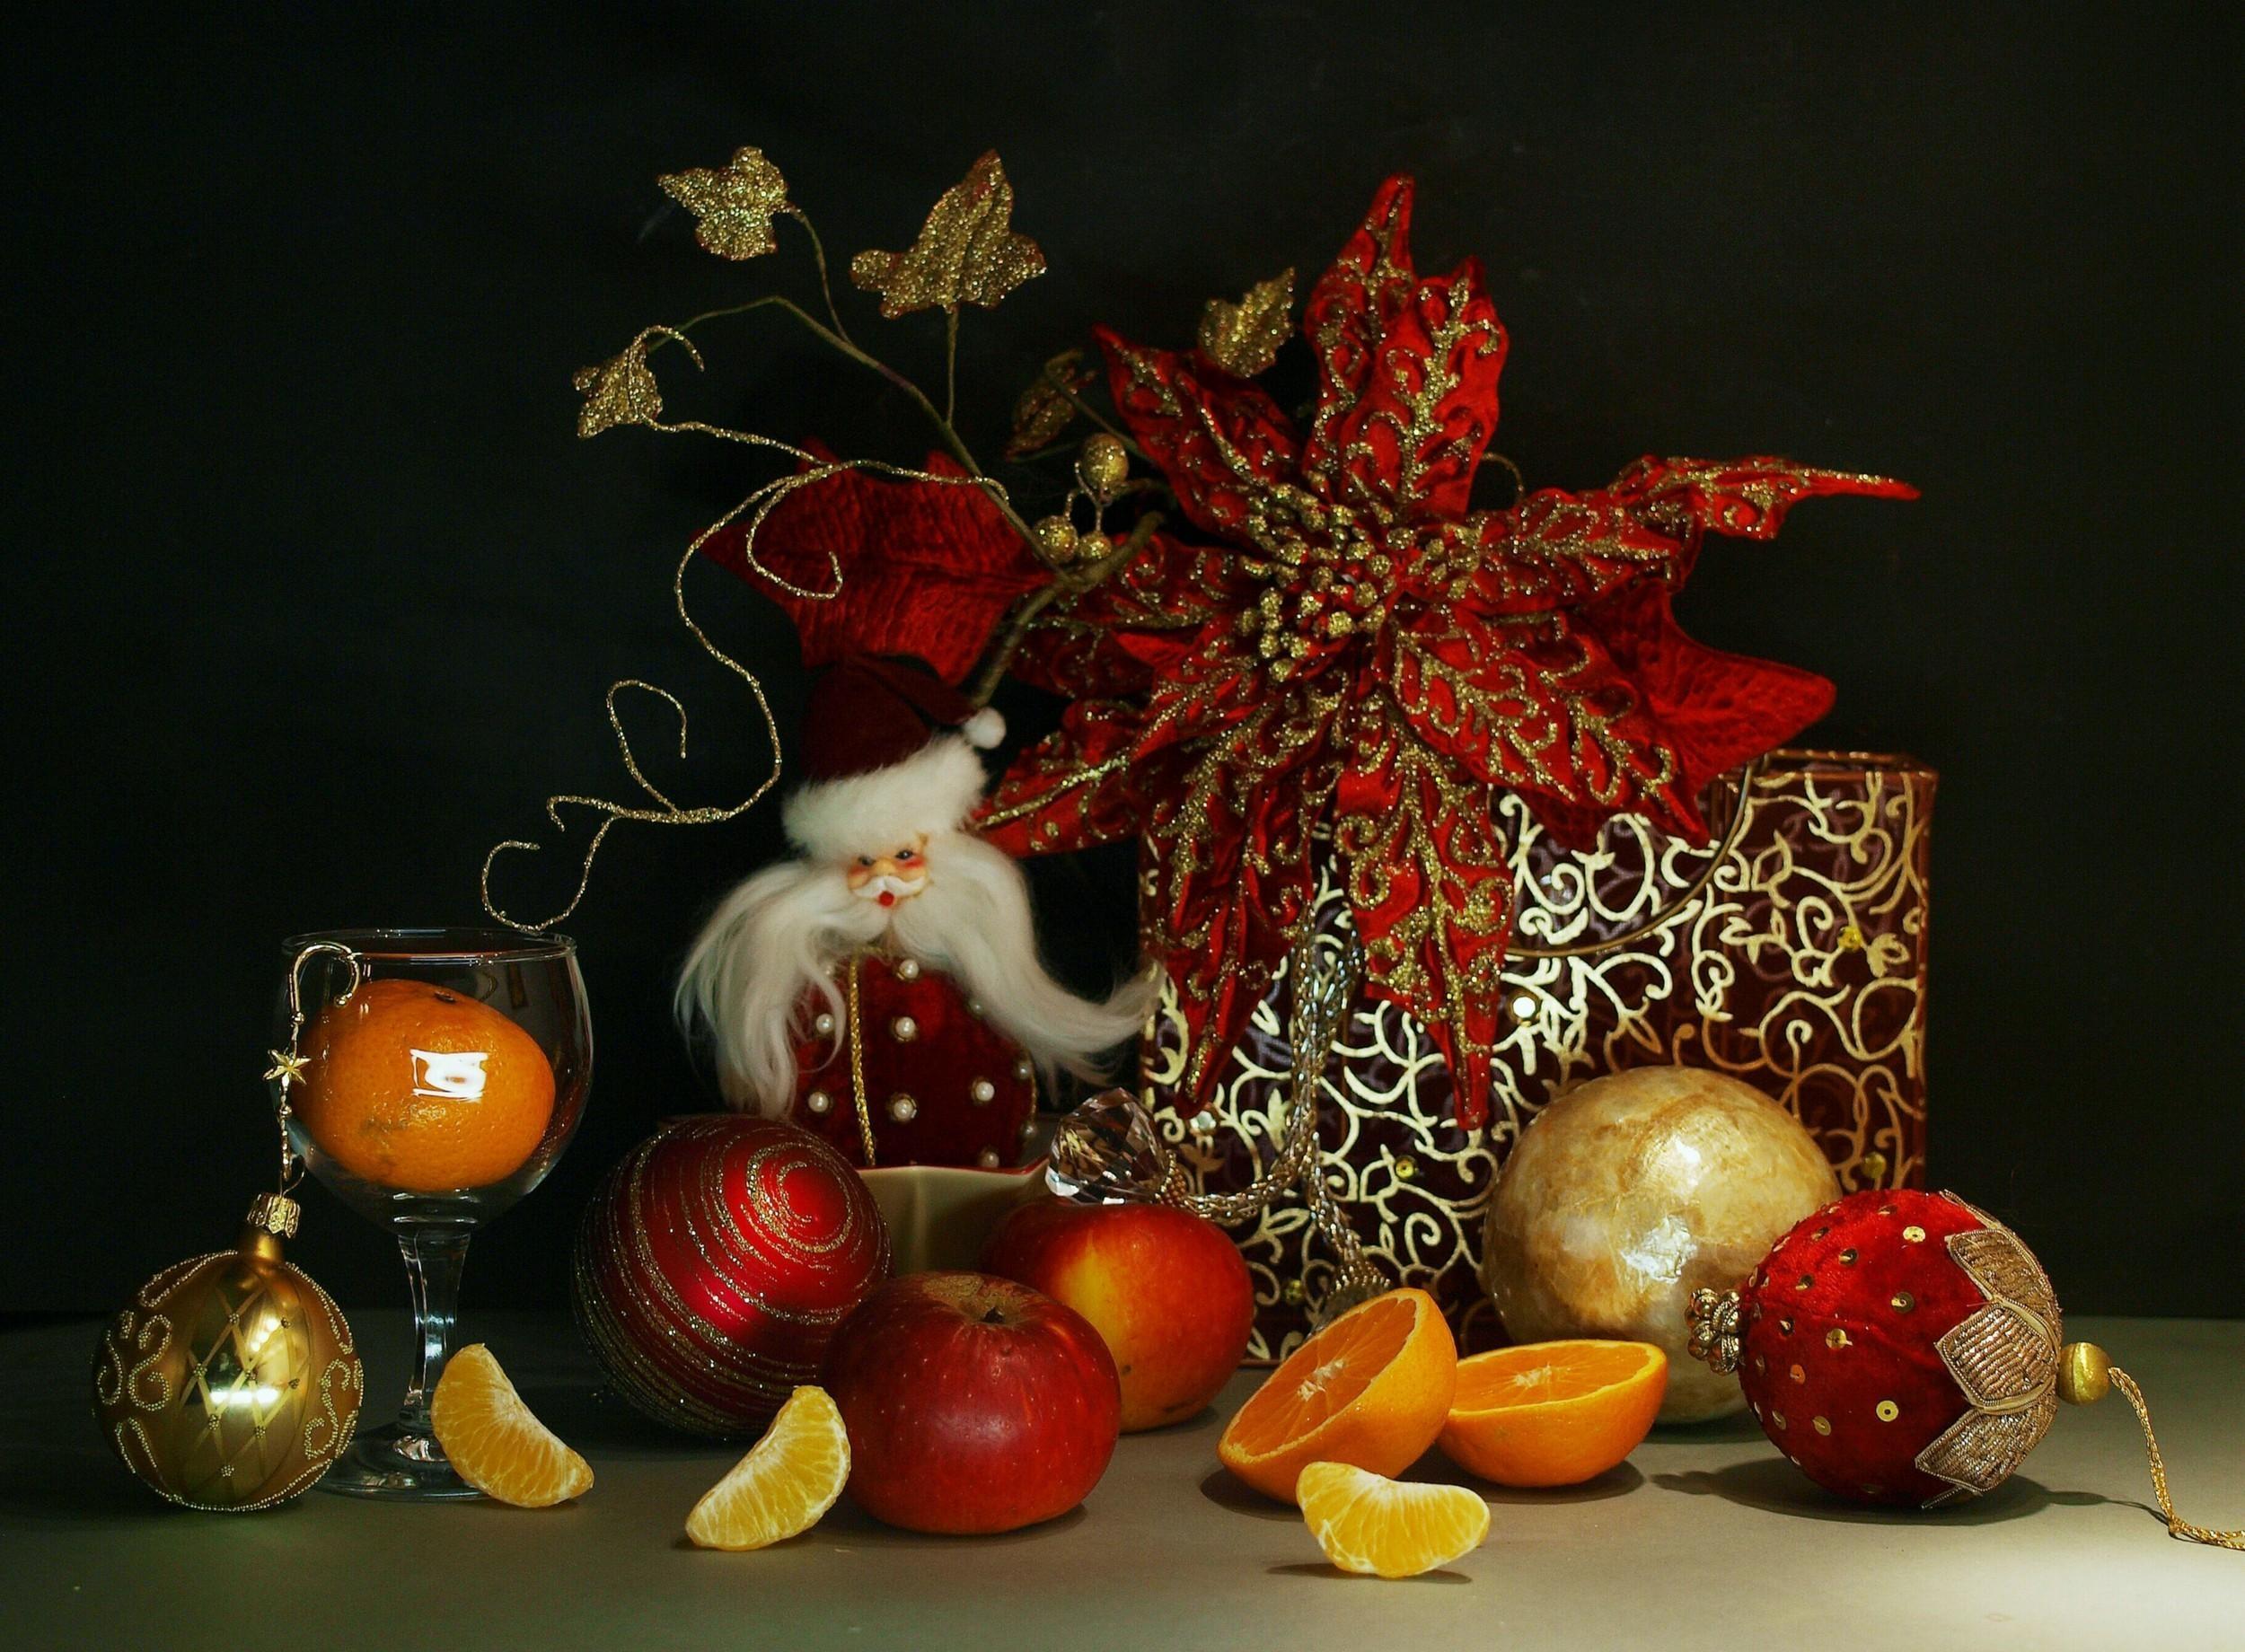 fond d 39 cran la peinture aliments jouets rouge vacances nouvel an p re no l l 39 automne. Black Bedroom Furniture Sets. Home Design Ideas